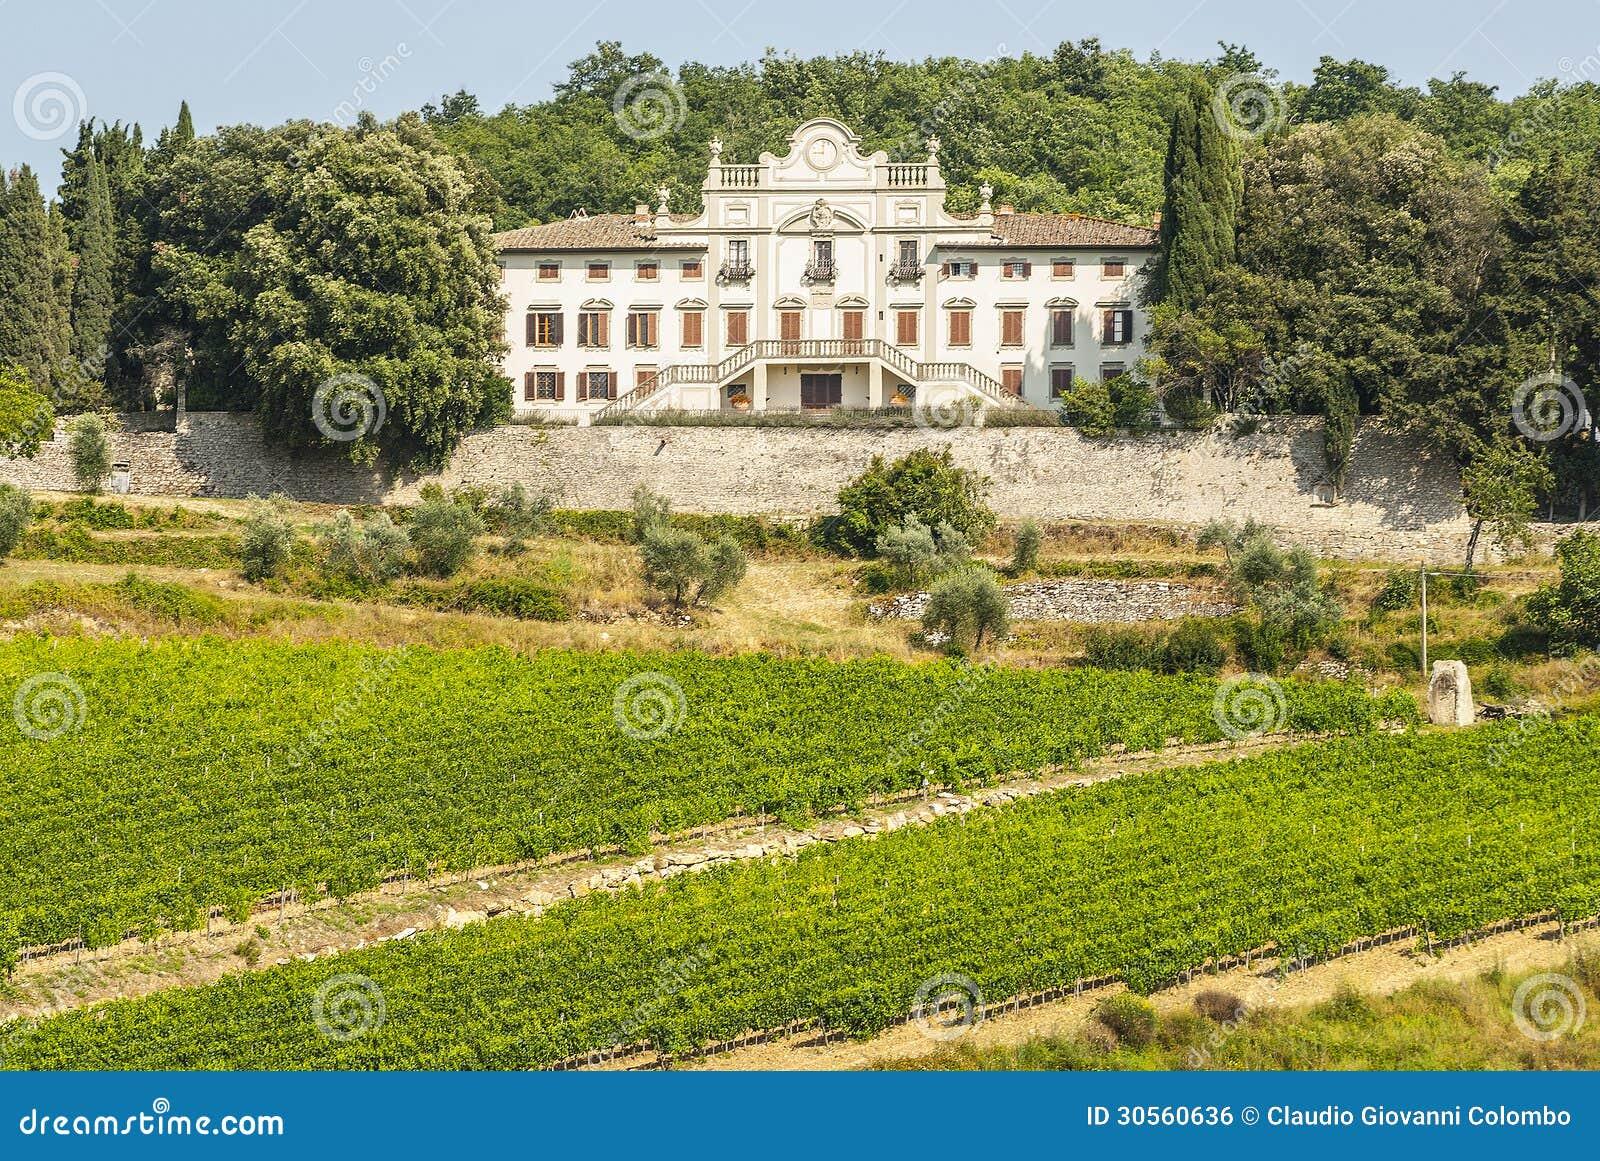 Radda dans le chianti - palais et vignobles antiques